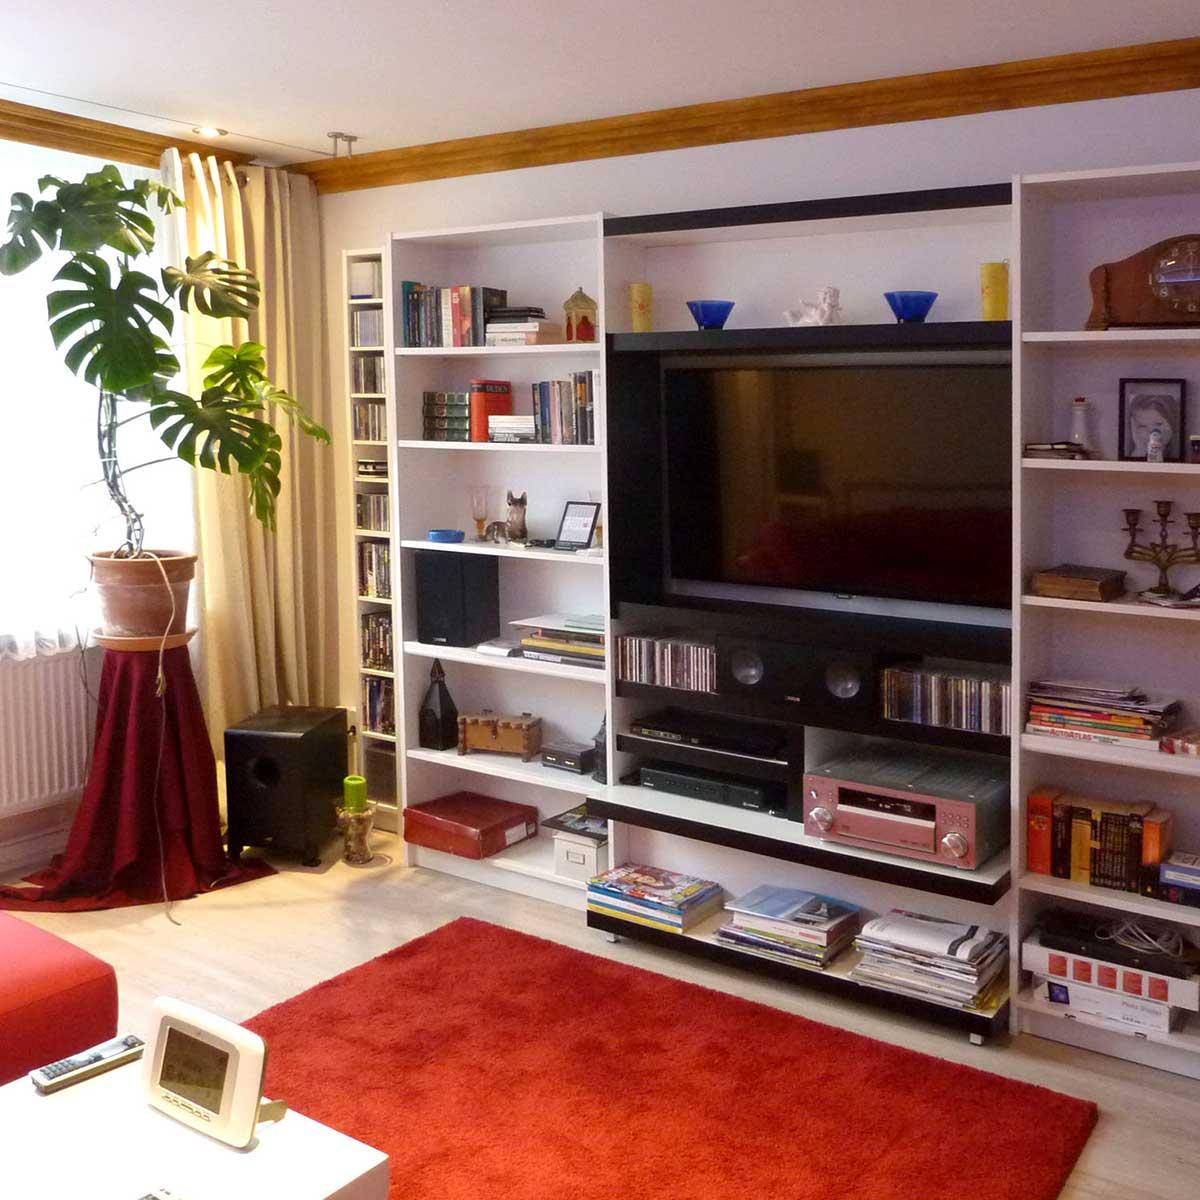 Wohnzimmer eines Mieters der Baugenossenschaft Kiel Hassee